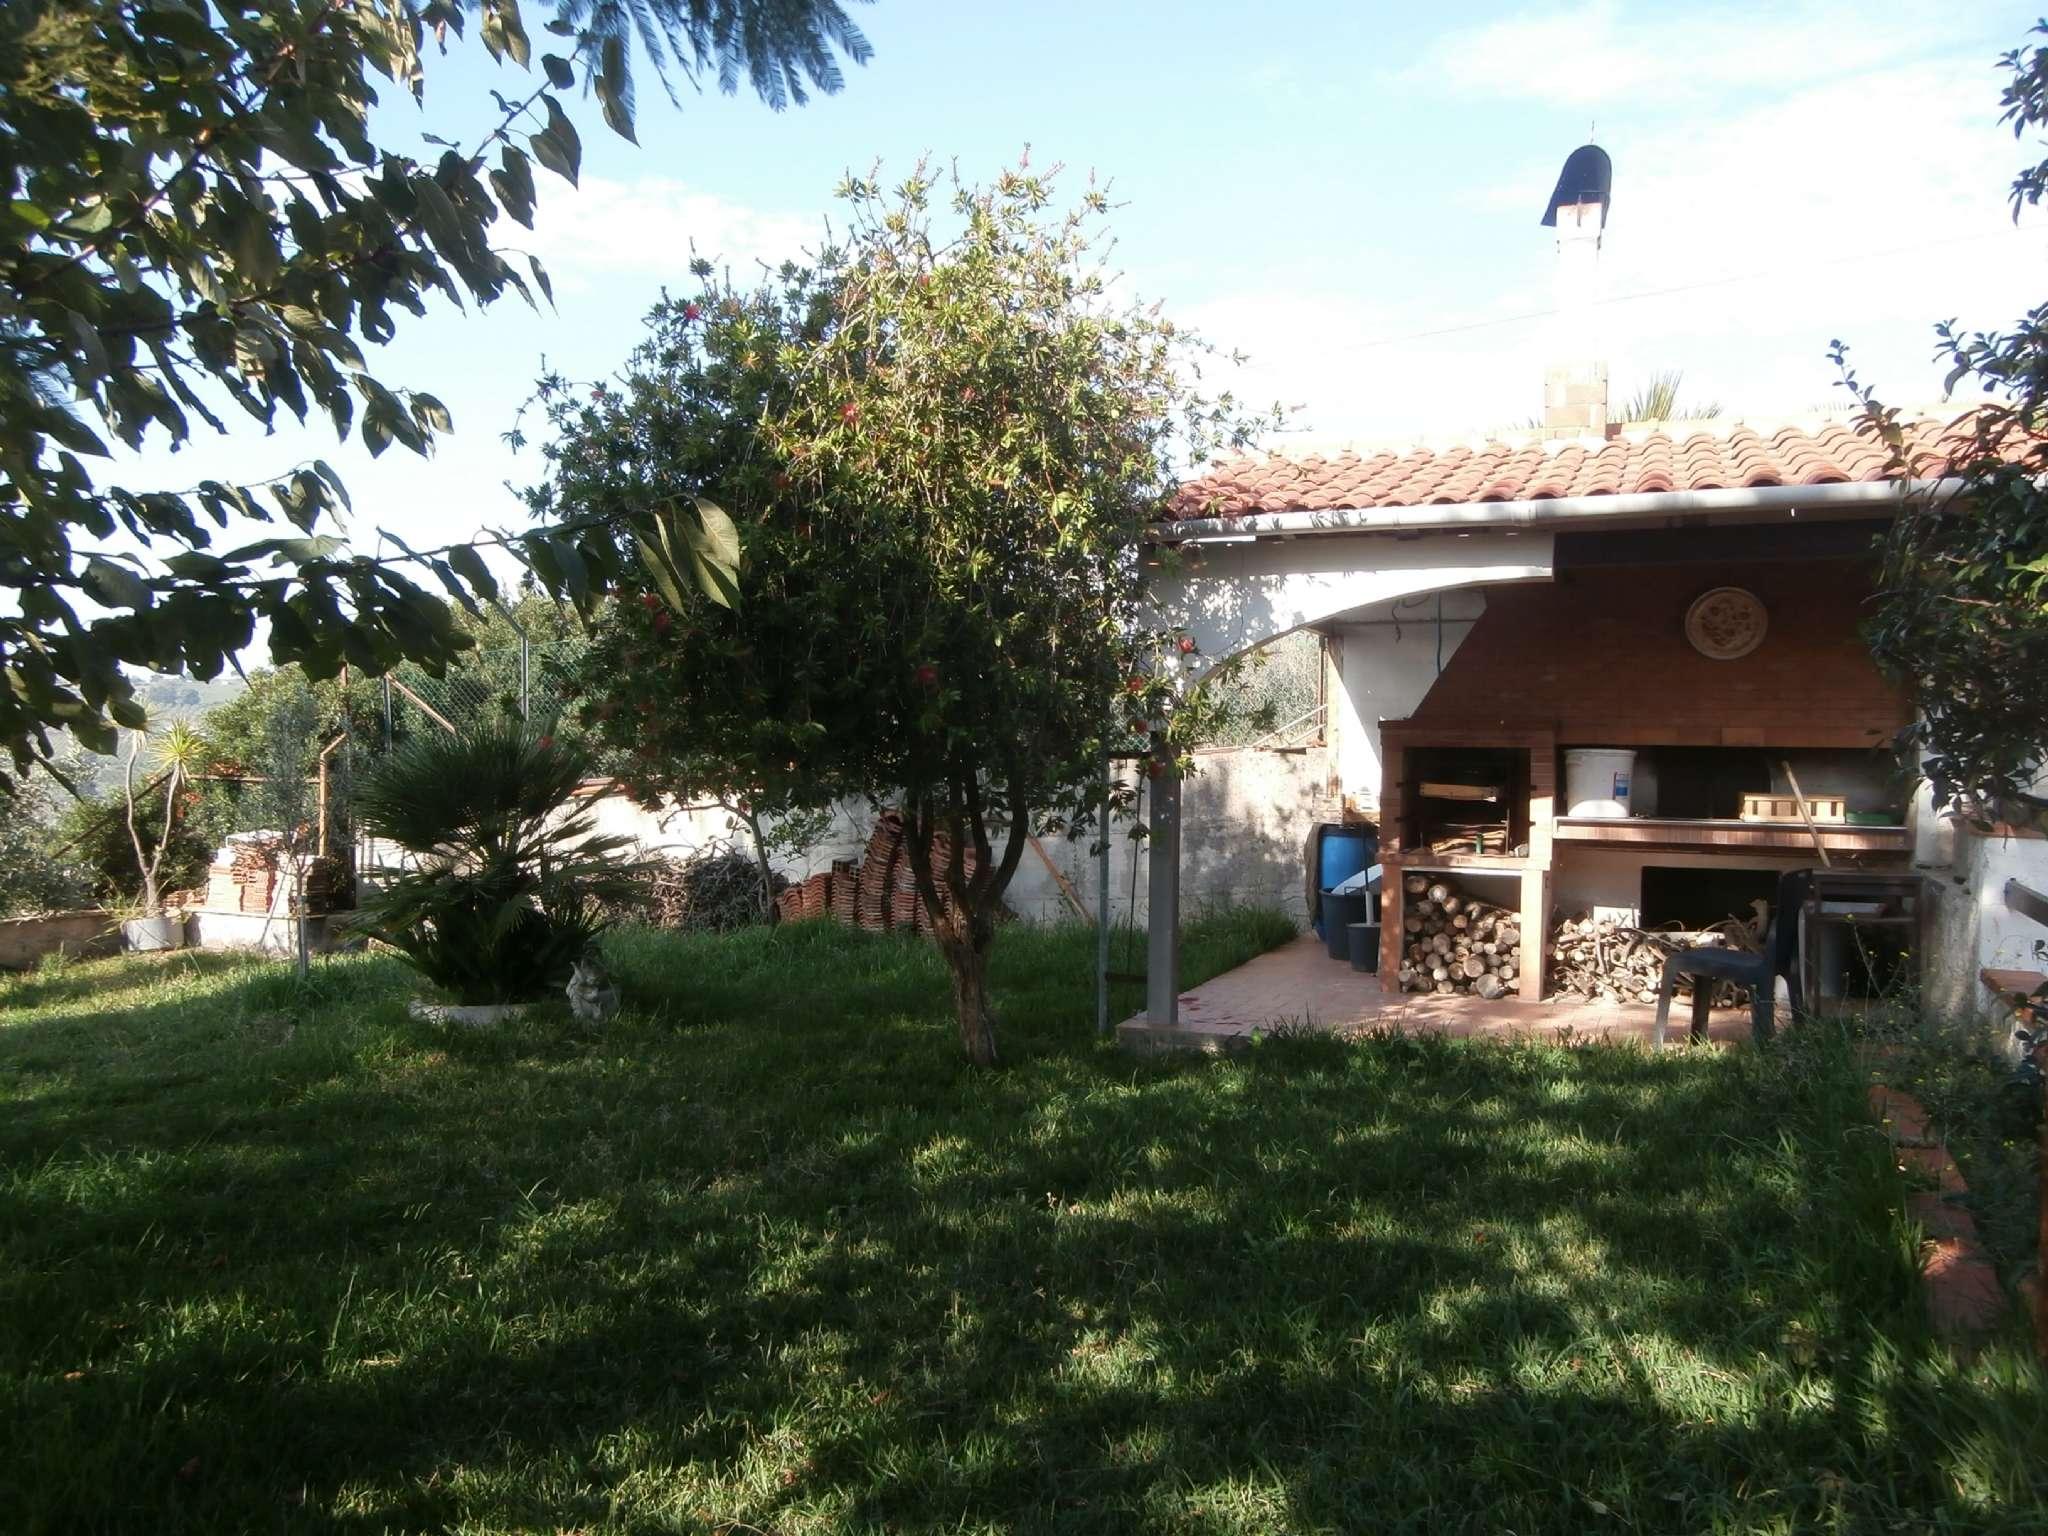 Appartamento in vendita a Montecorvino Pugliano, 3 locali, prezzo € 149.000   CambioCasa.it